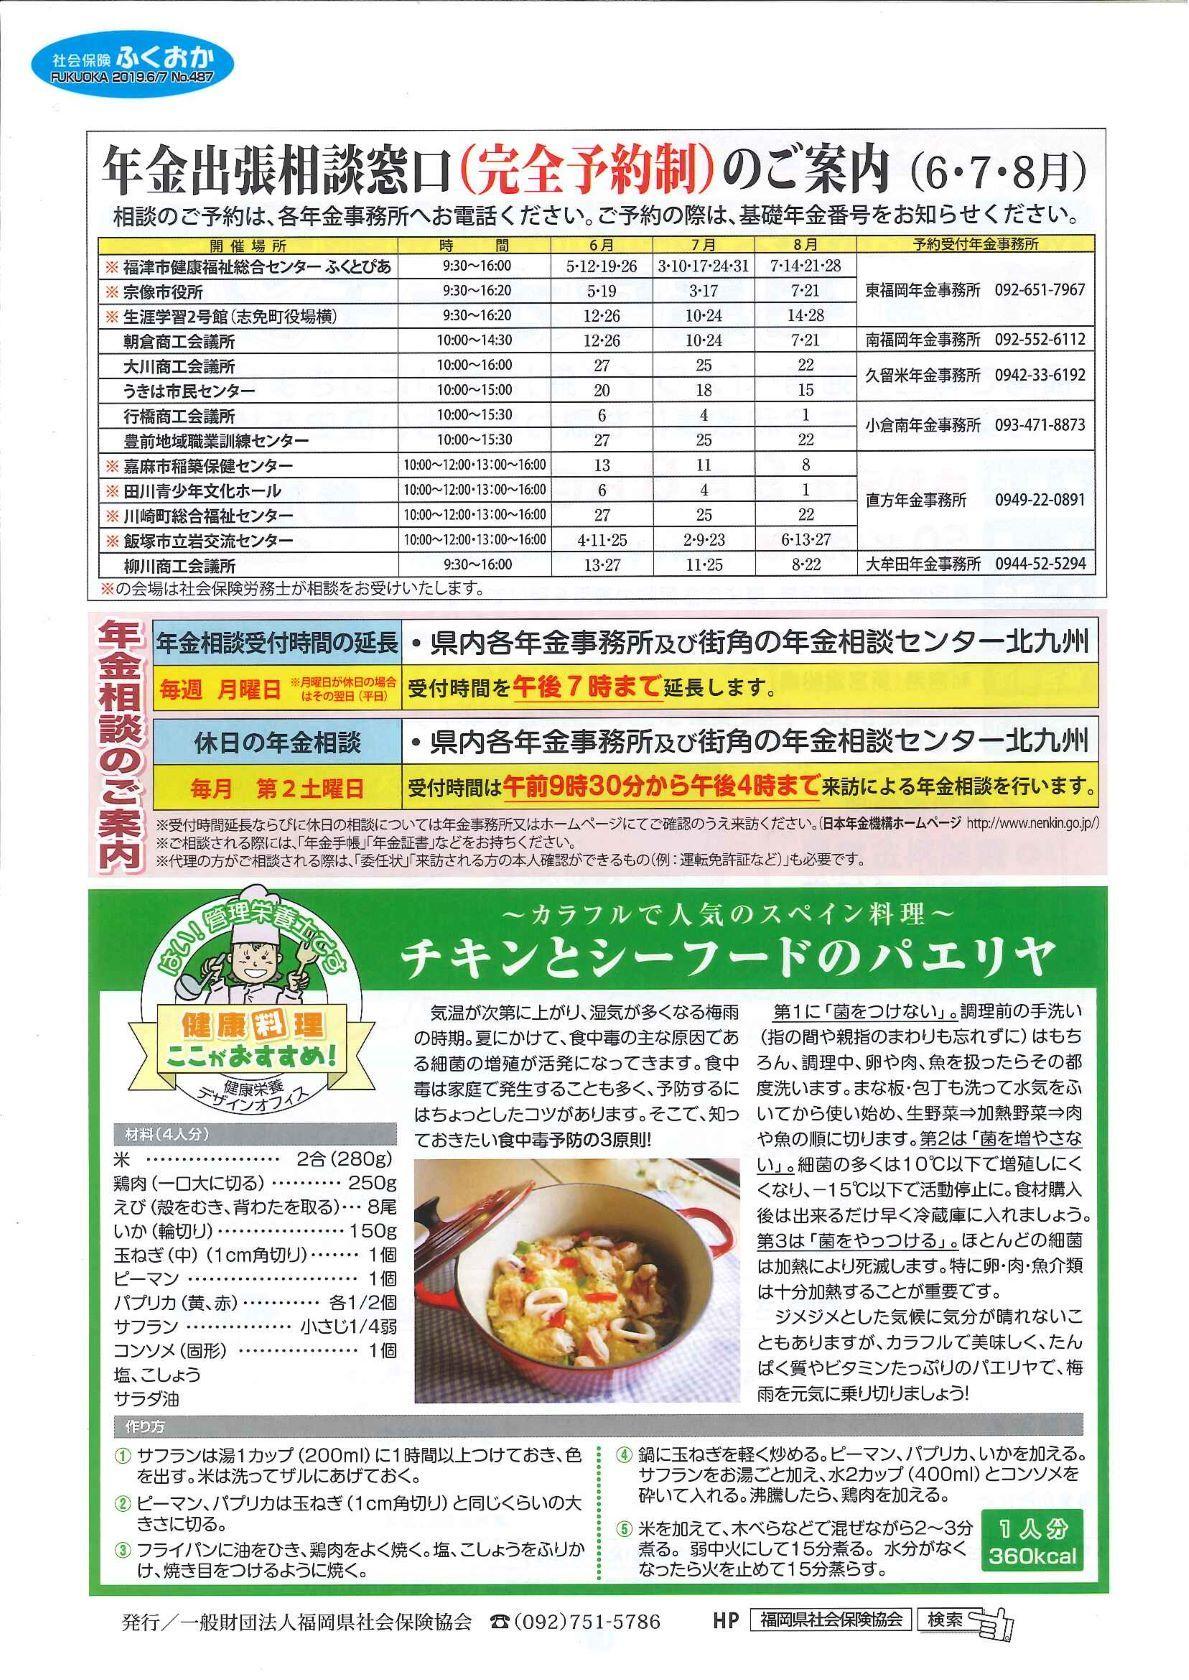 社会保険「ふくおか」2019年6・7月号_f0120774_11351636.jpg